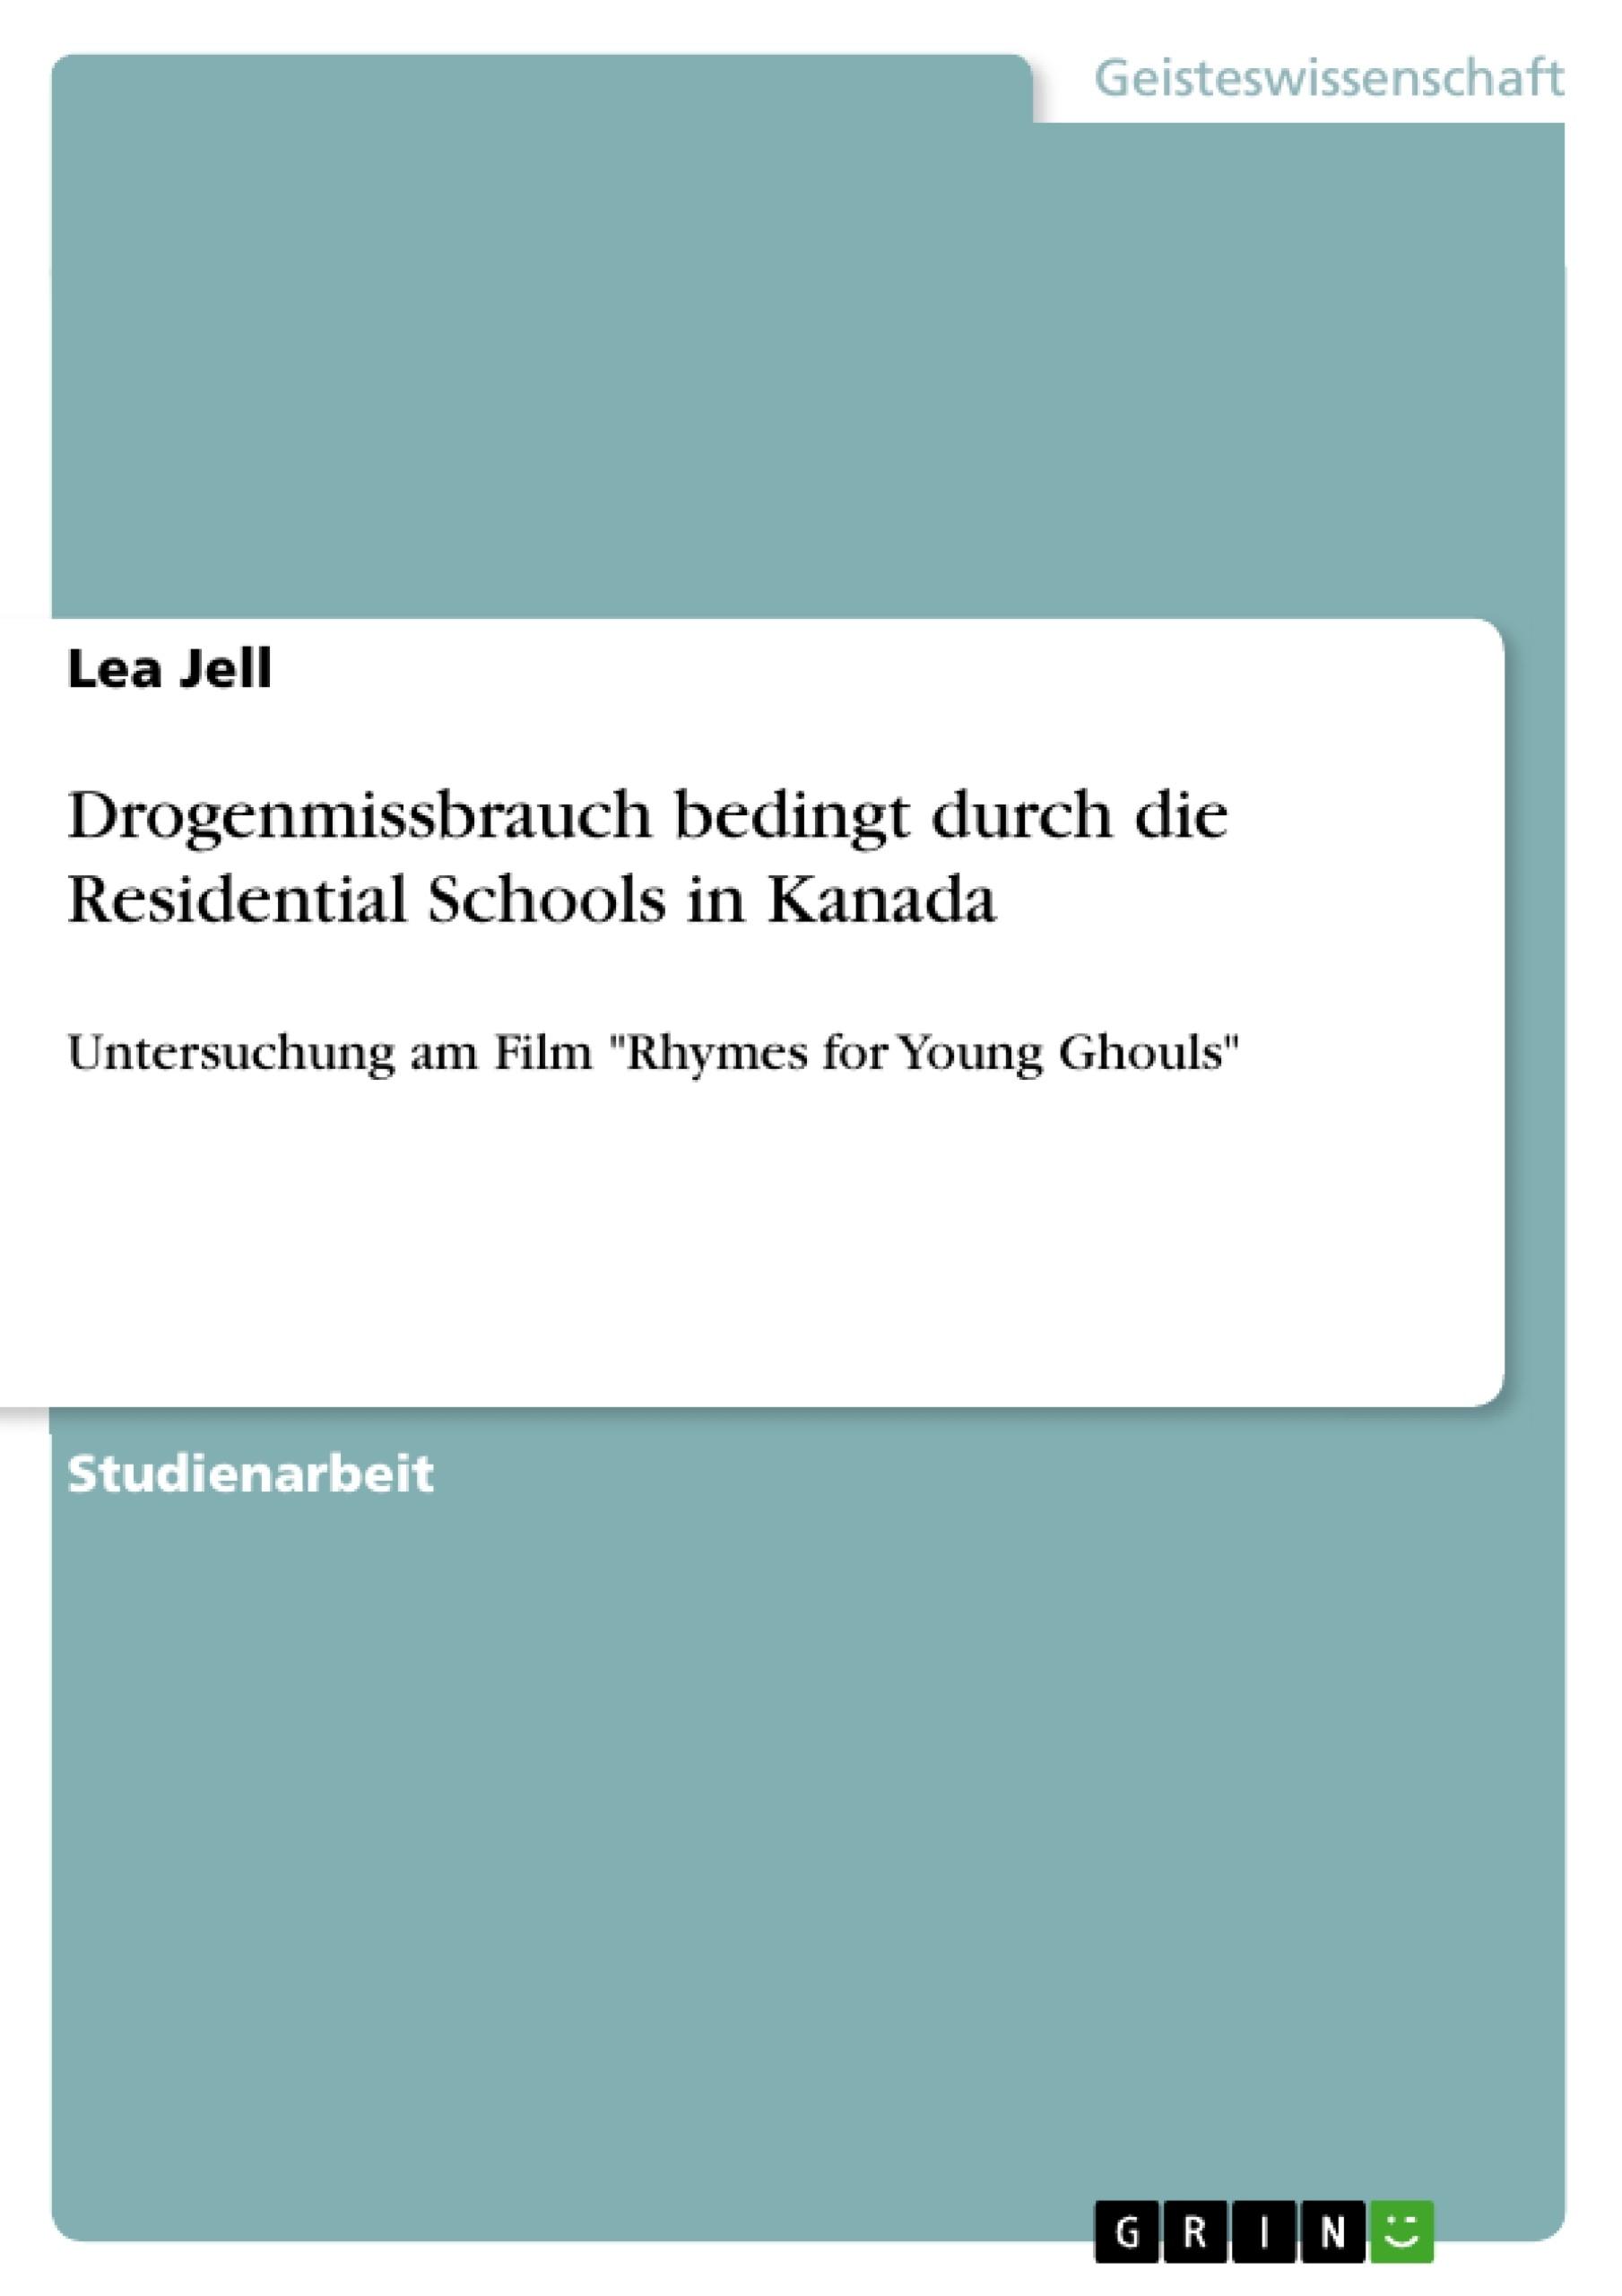 Titel: Drogenmissbrauch bedingt durch die Residential Schools in Kanada